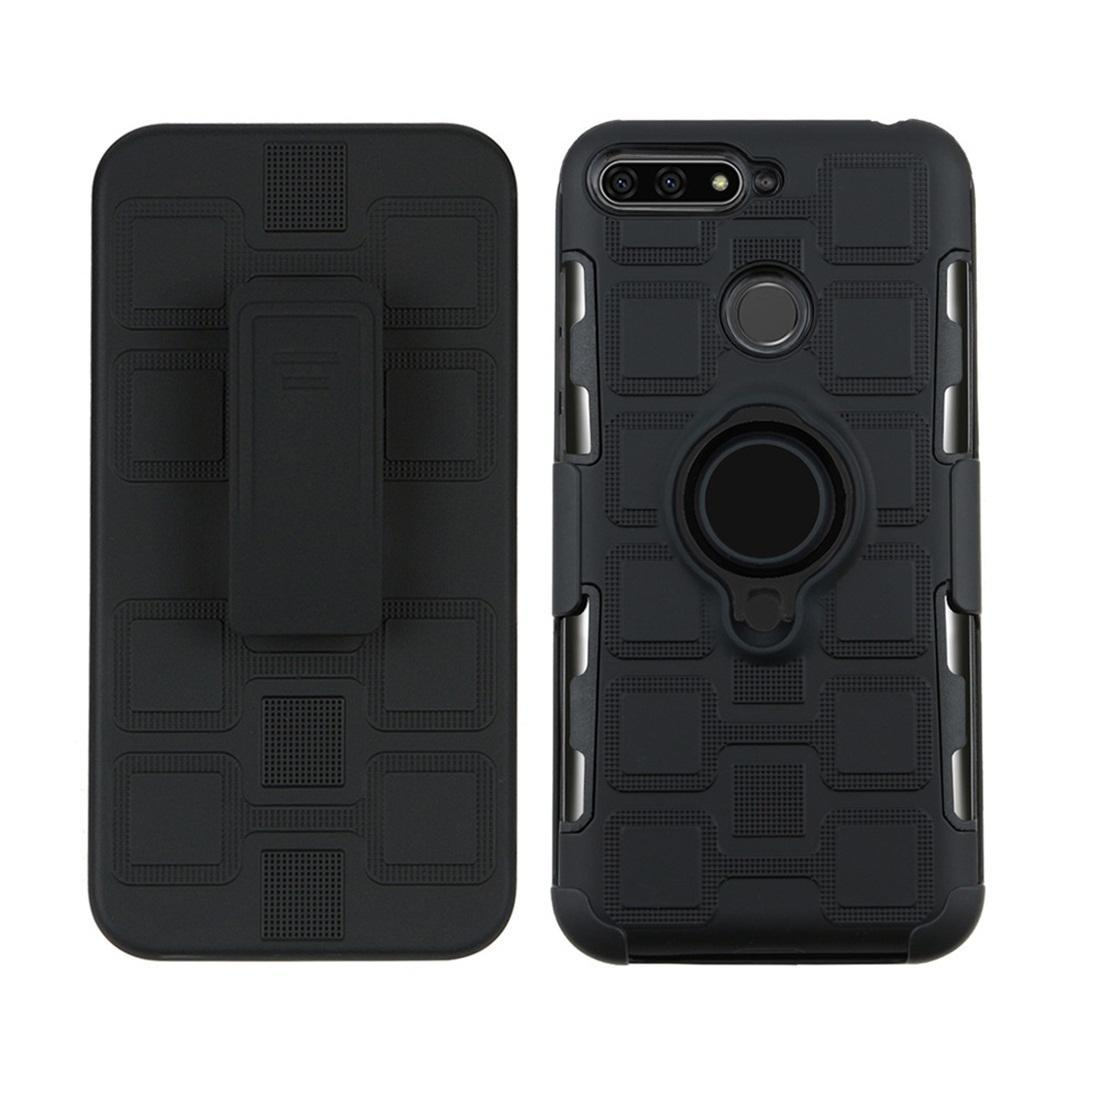 Huawei Y6 için / 360 Derece Döndür Siyah Halka Tutucu ile 8e 3'te 1 Küp PC + TPU Koruyucu Kılıf Enjoy